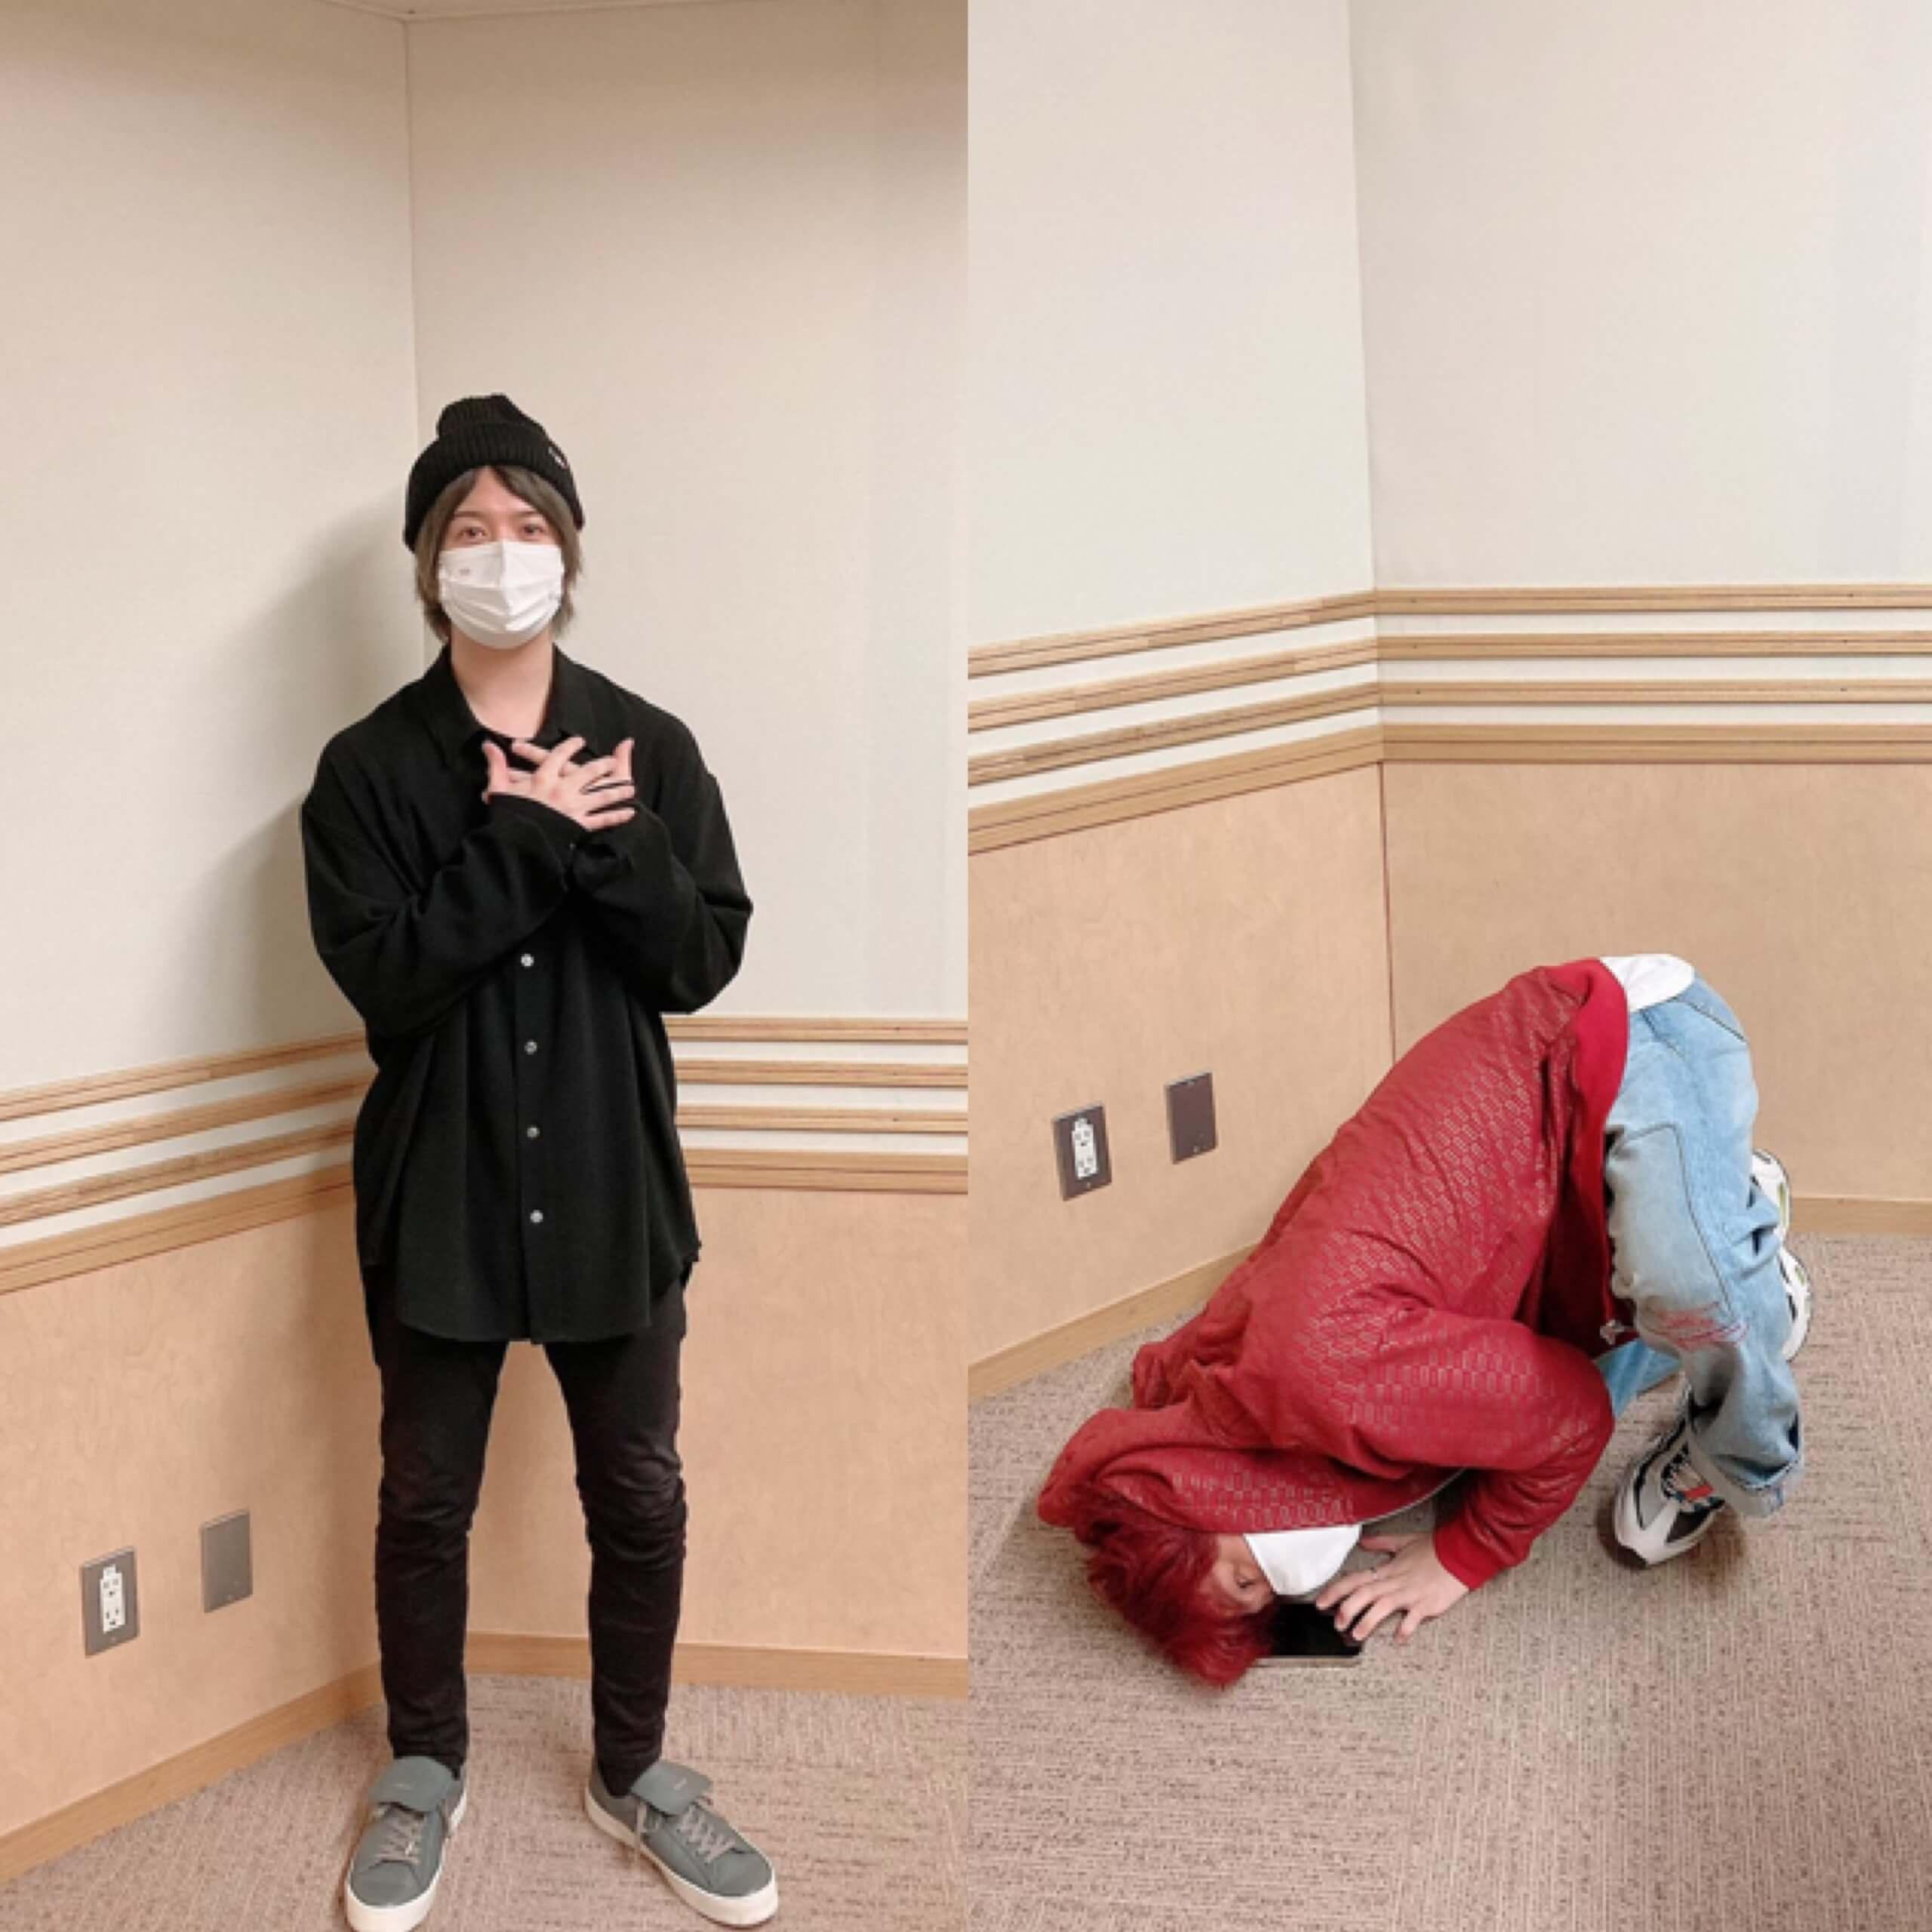 斉藤壮馬・石川界人のダメじゃないラジオ #163 放送後記